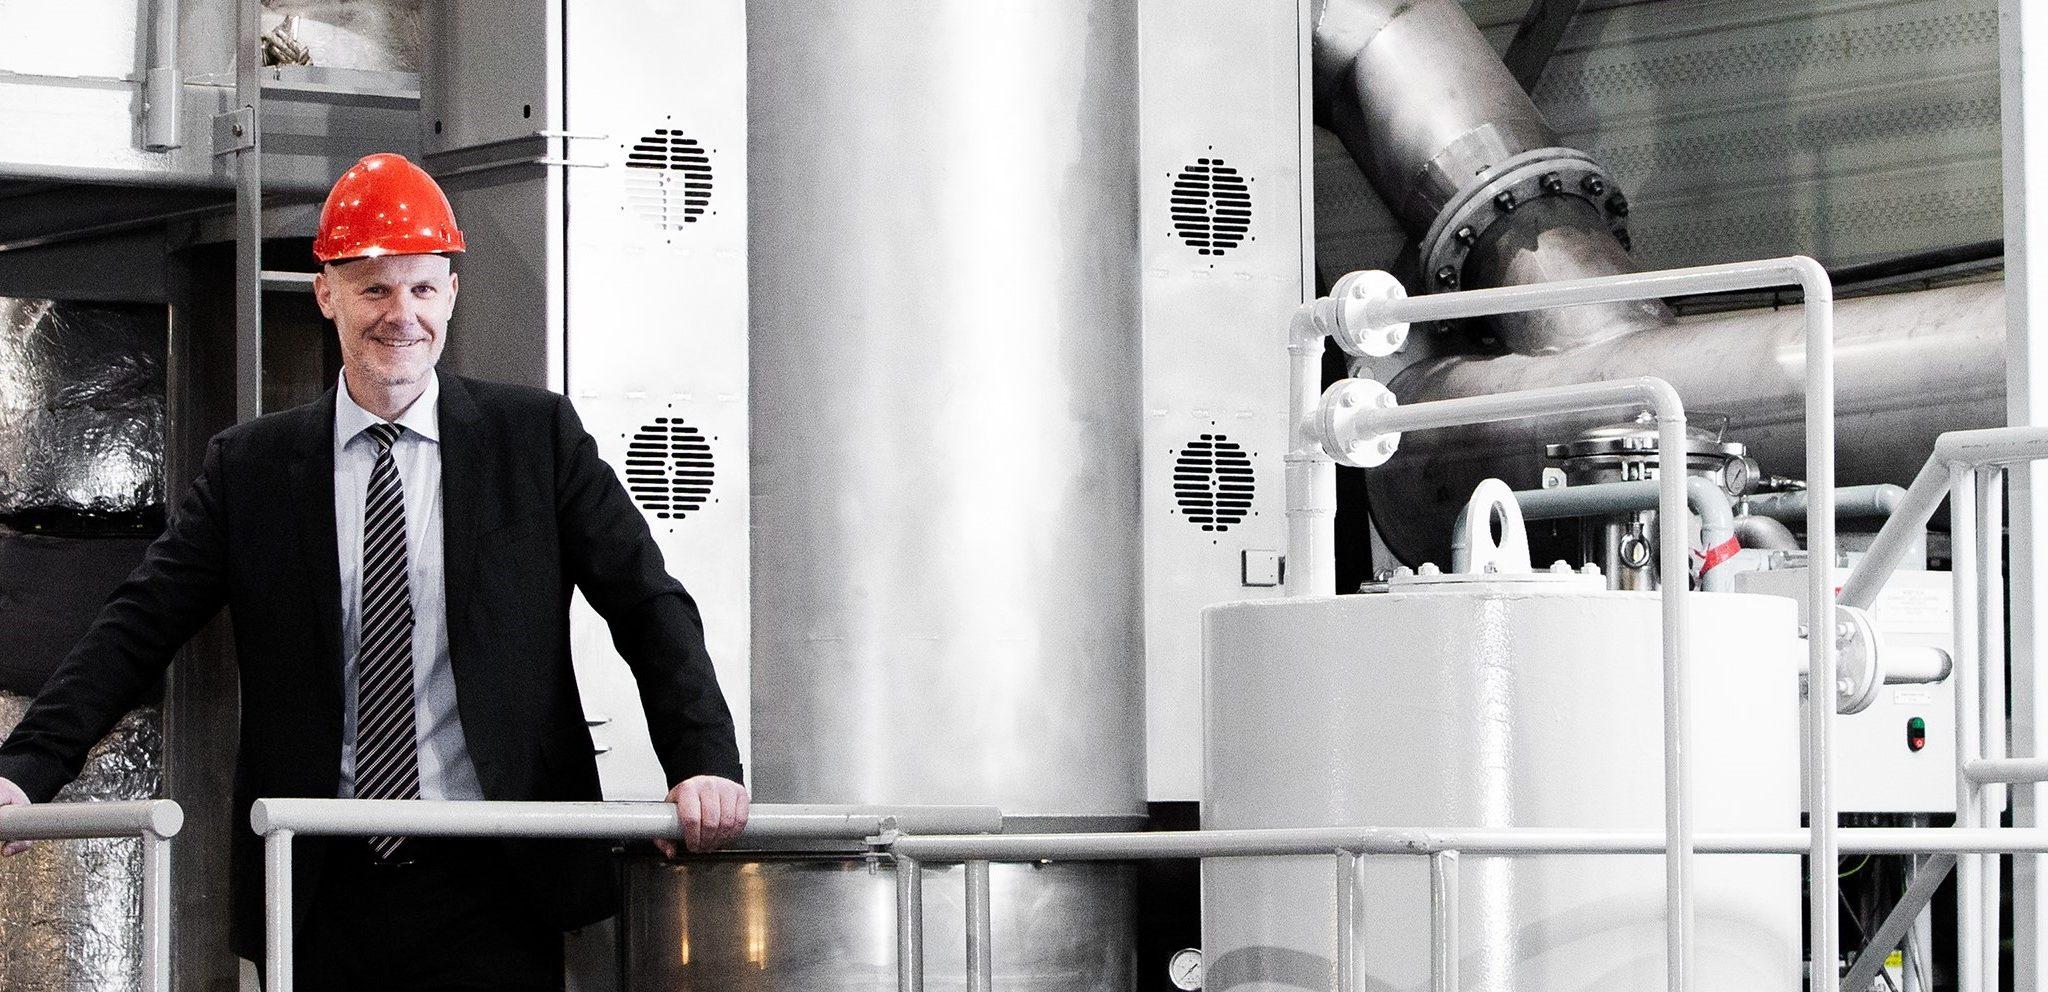 Sigurd Jenssen, directeur uitlaagasbehandeling van Wärtsila op een testlocatie van het bedrijf. 'Ook bij het afvangen van CO2 zal veel afhangen van het prijsverschil tussen zware stookolie en alternatieve brandstoffen.' (Foto Wärtsilä)